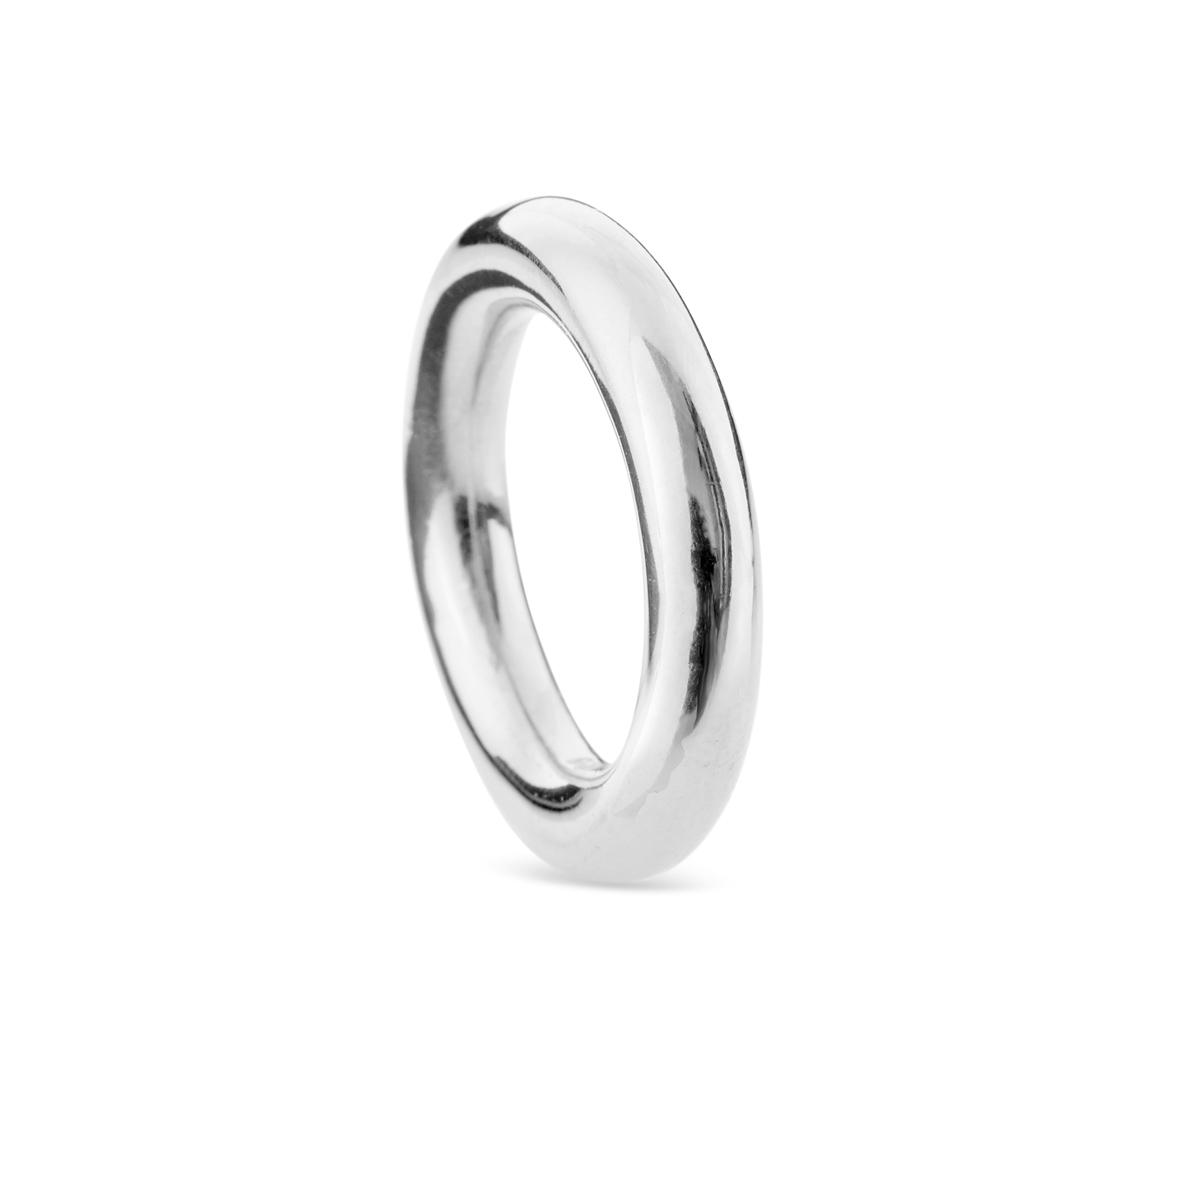 Susanne Friis Bjørner sølv ring - 1691-11 Sølv 56